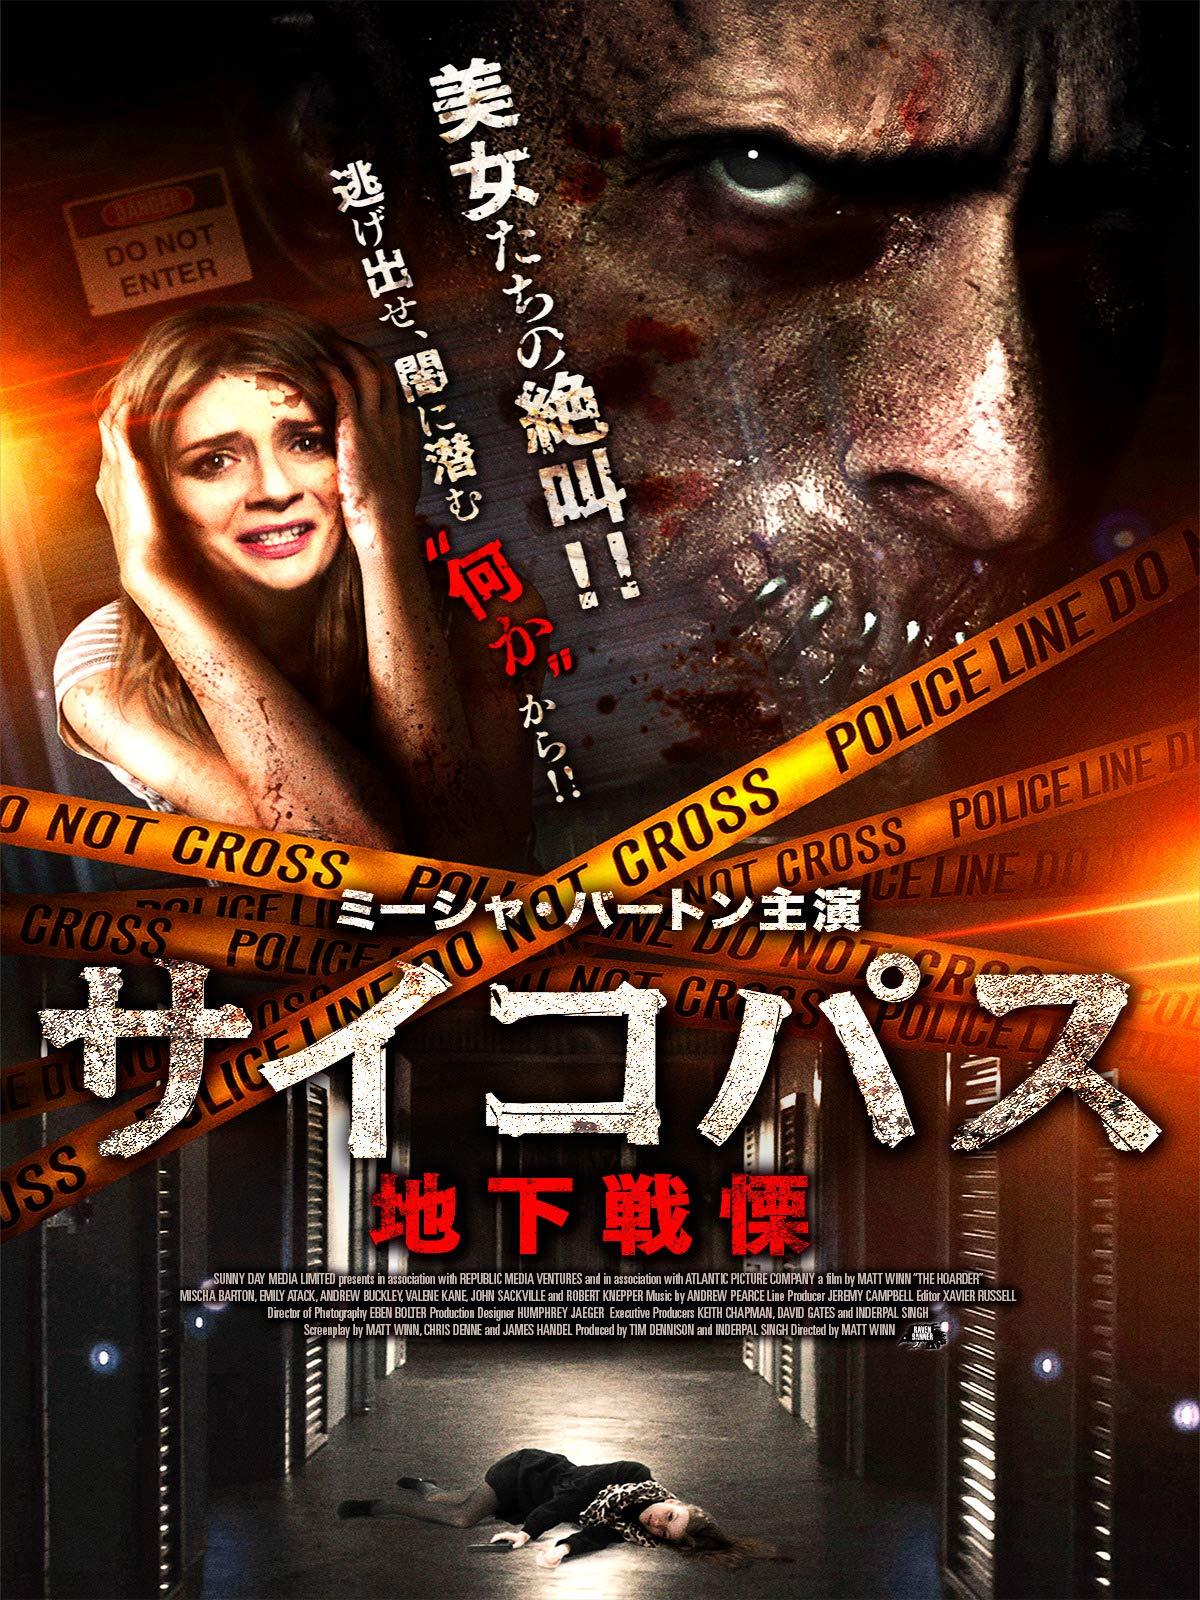 Amazon.co.jp: サイコパス 地下戦慄を観る | Prime Video